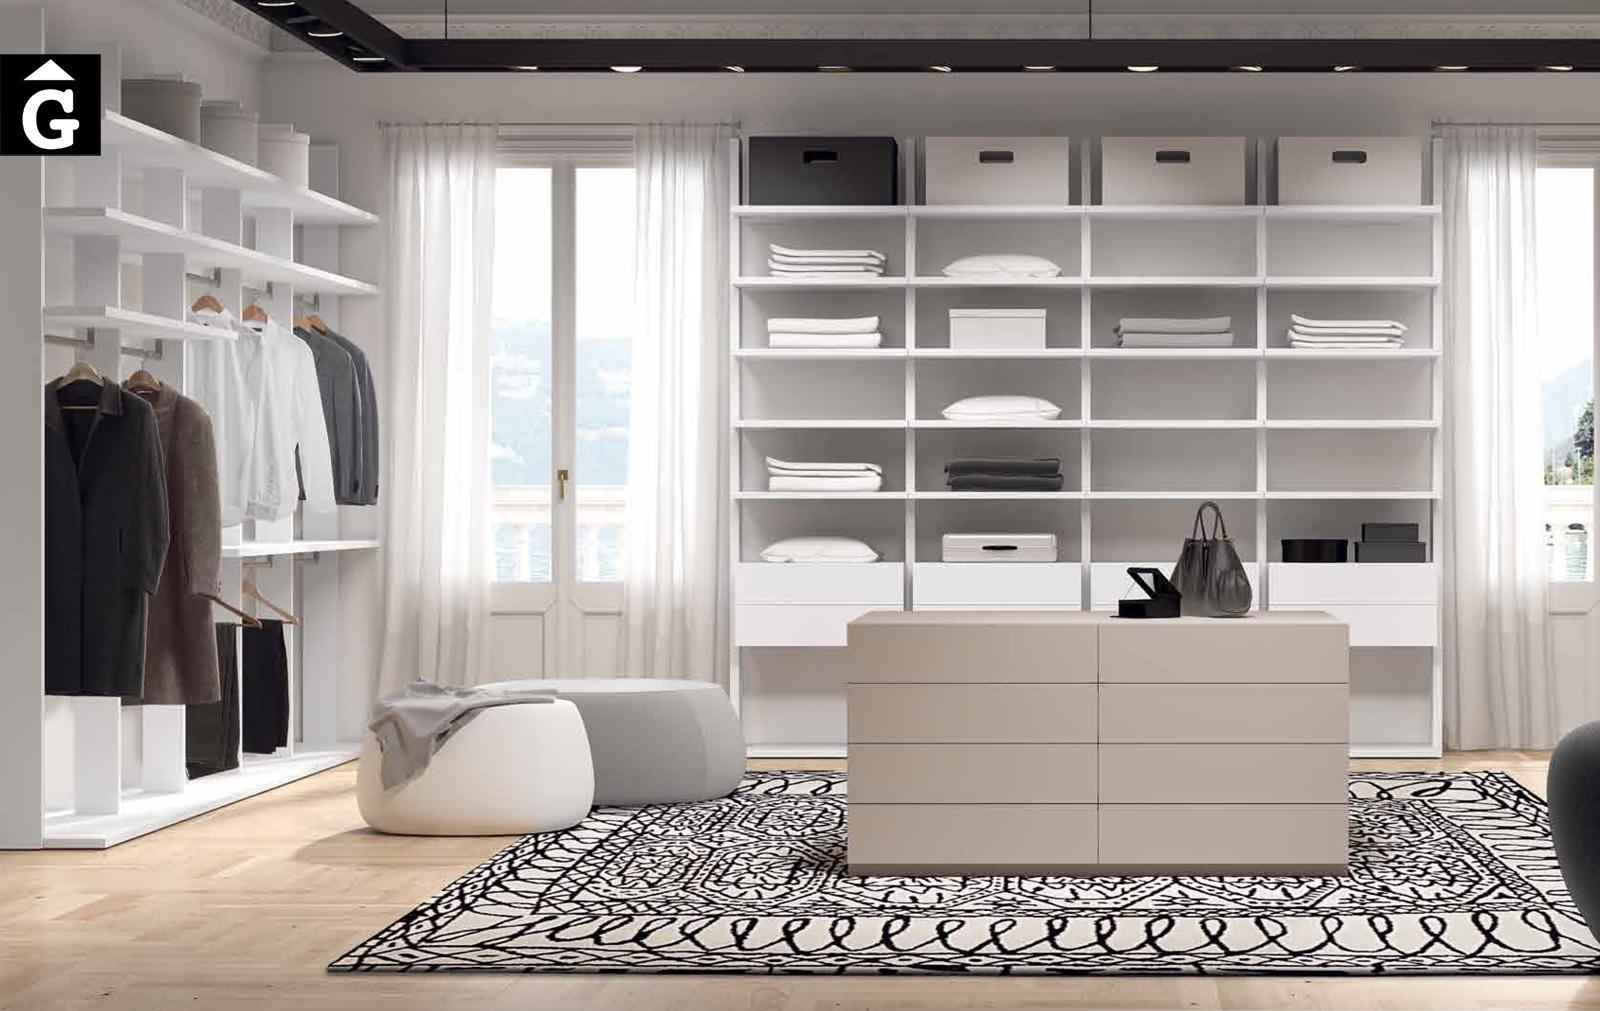 Detall esquerra vestidor exclusiu Besform by Mobles GIFREU Armaris Vestidors Habitcions a mida modern minim elegant atemporal